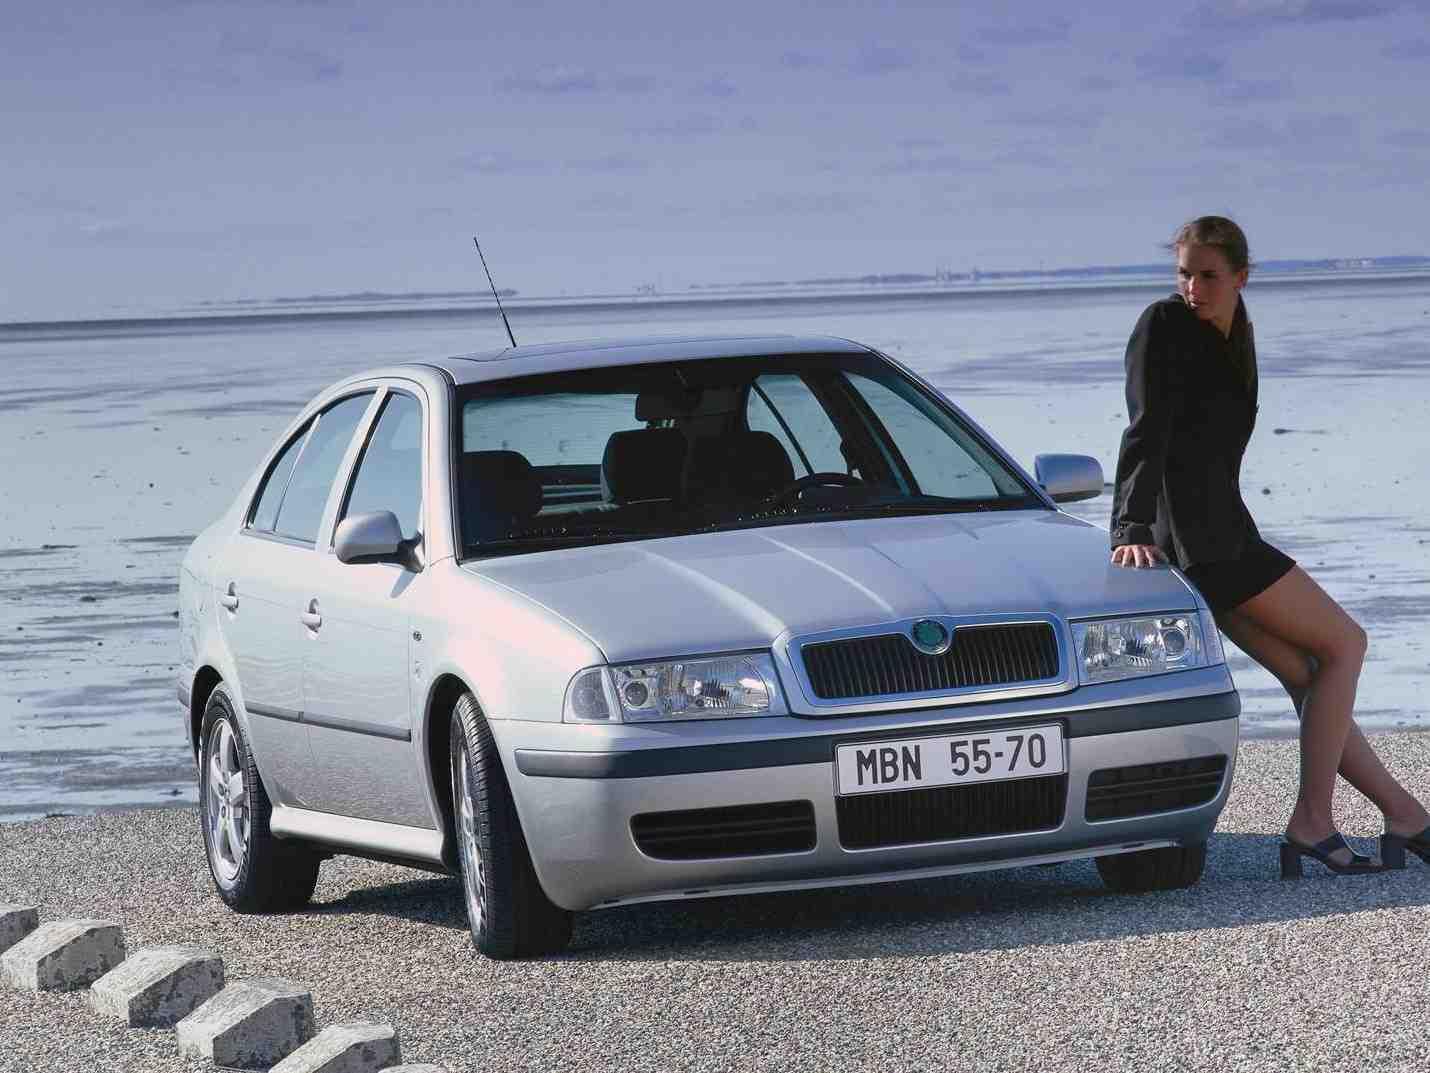 Quelle voiture d'occasion pour 20 000 euros?